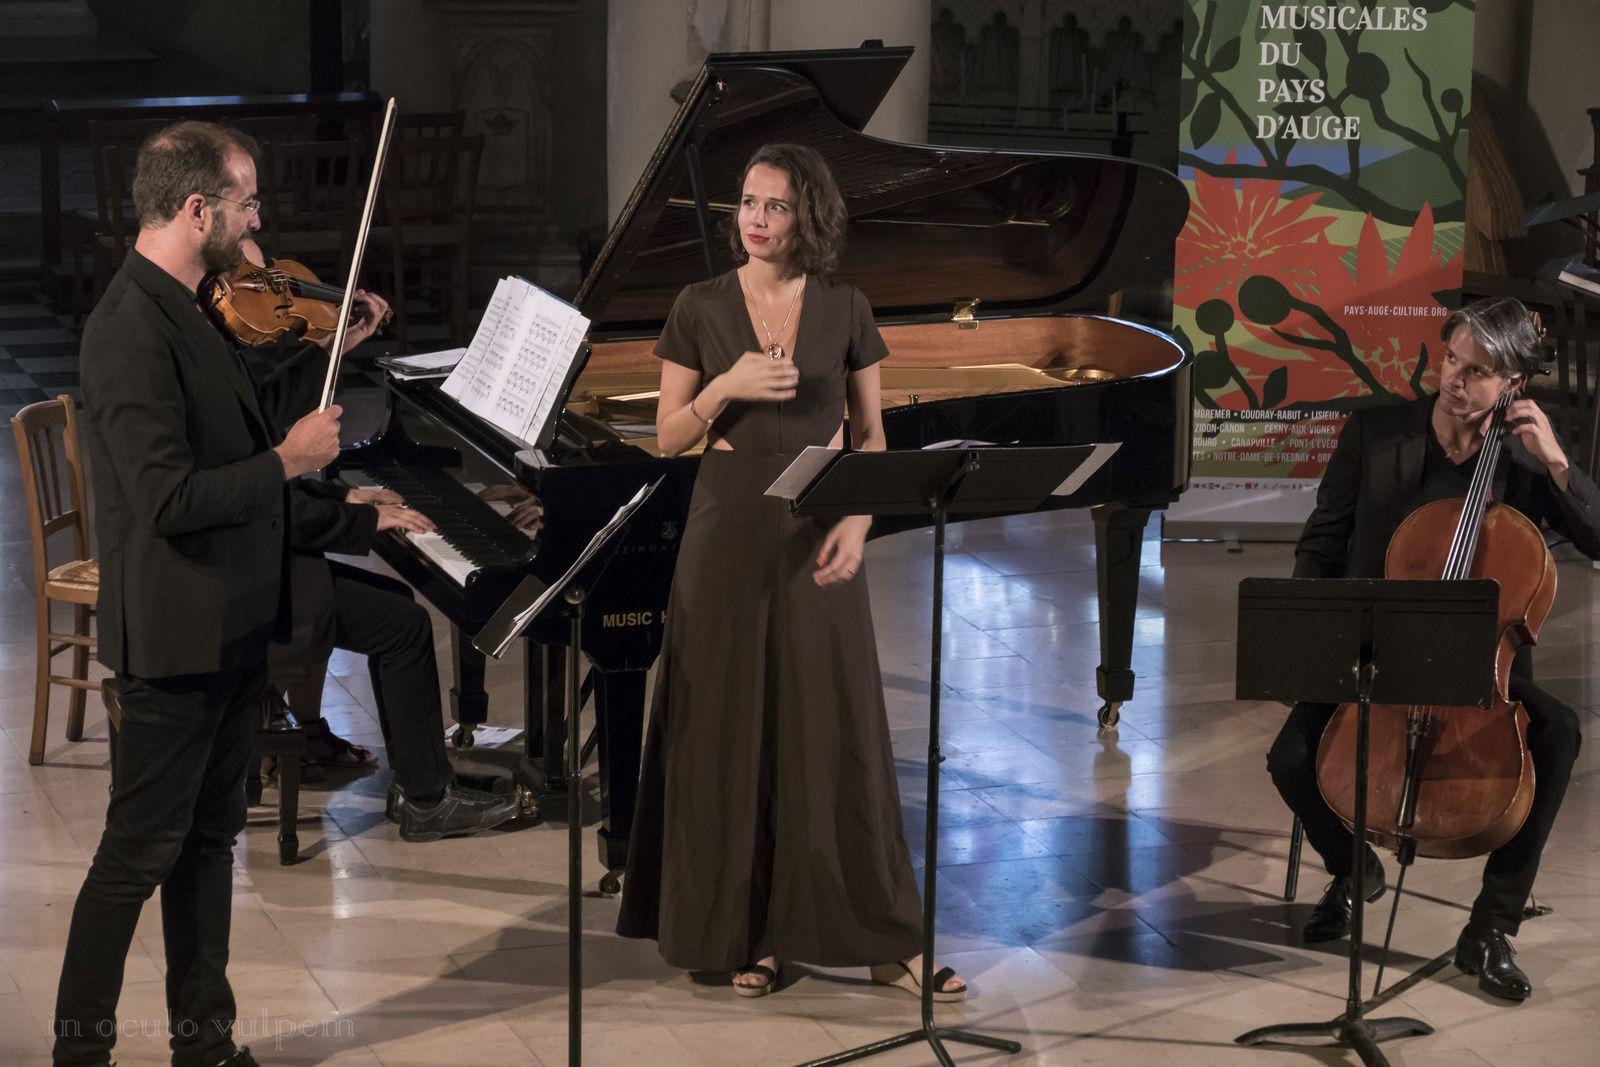 Les Promenades musicales du Pays d'Auge. Ensemble Contraste : Albane Carrère, soprano; Arnaud Thorette, violon; Antoine Pierlot, violoncelle; Johann Farjot, violoncelle. Eglise de Livarot, 05/08/2018